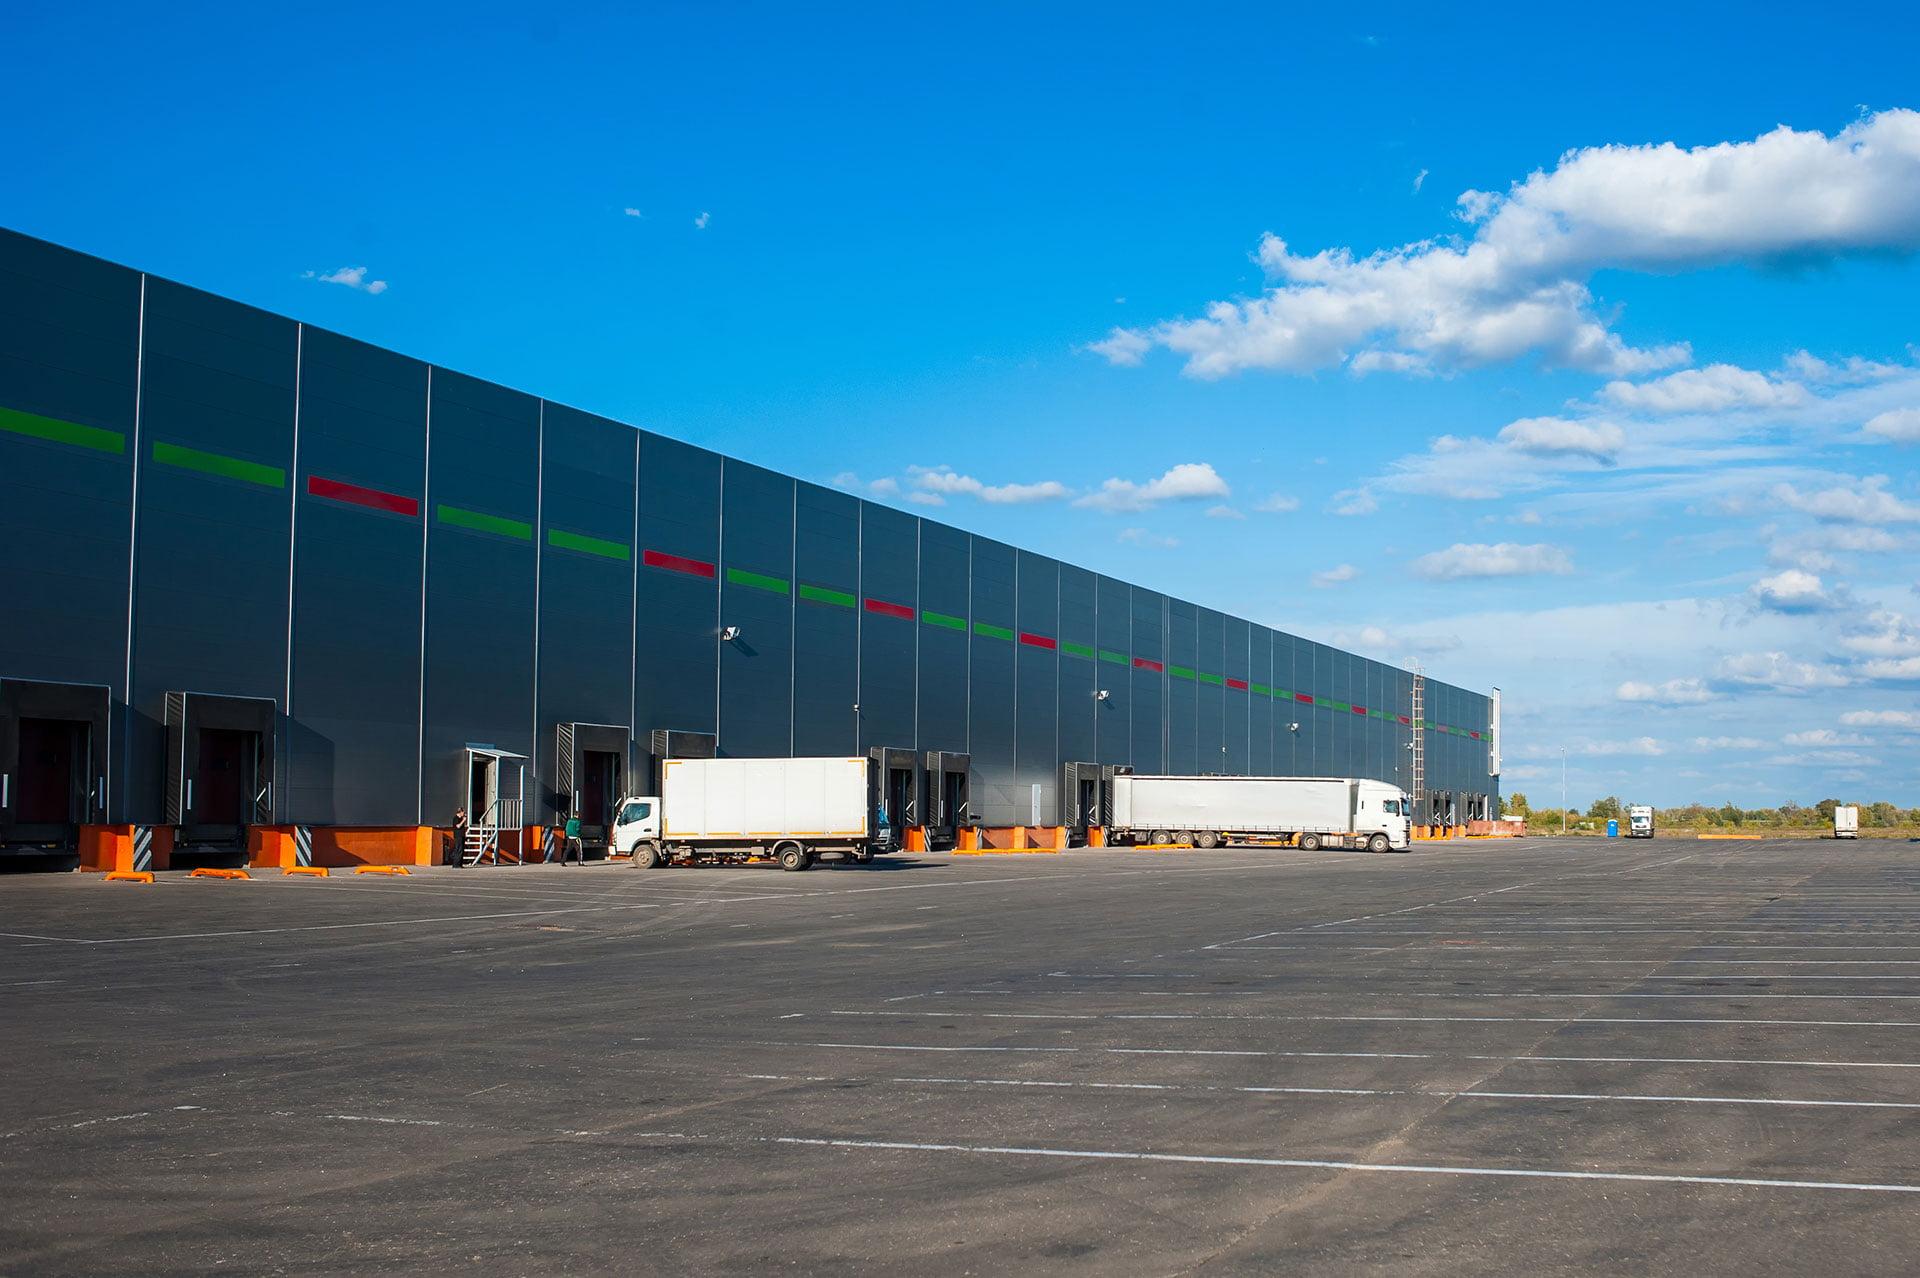 Nave industrial con puerto para carga de camiones